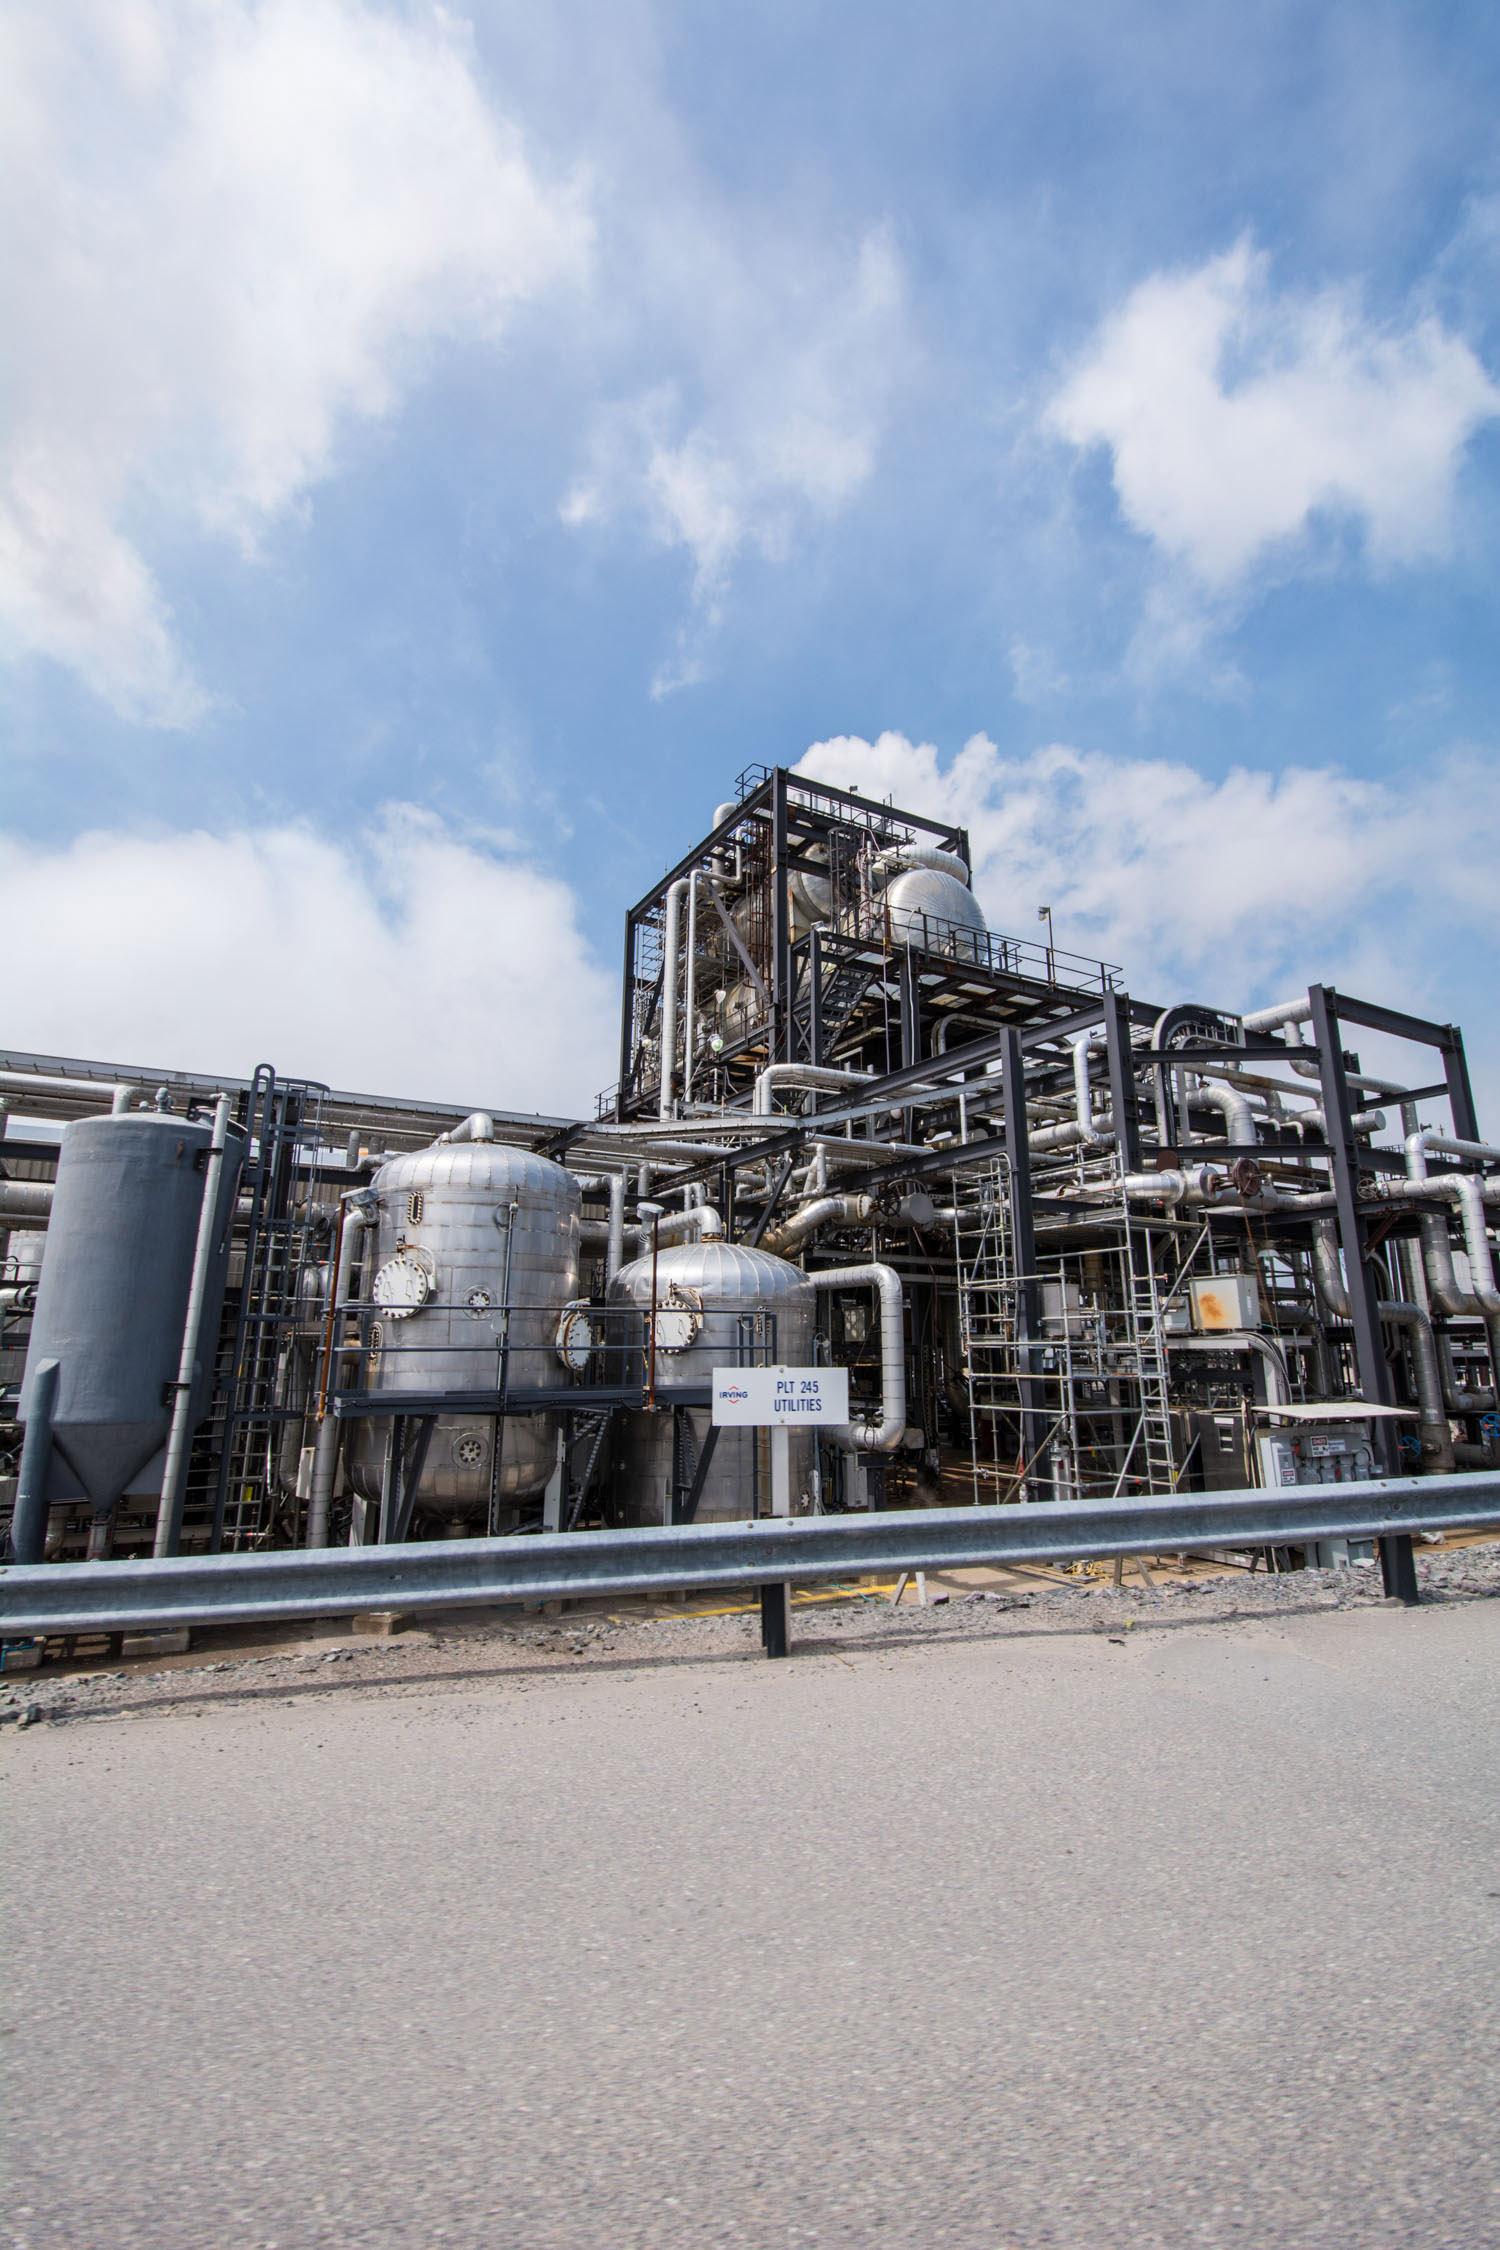 aug05 2014-Bloomberg News-Irving Oil refinery-Saint John NB-photo by Aaron McKenzie Fraser-www.amfraser.com-5726.jpg